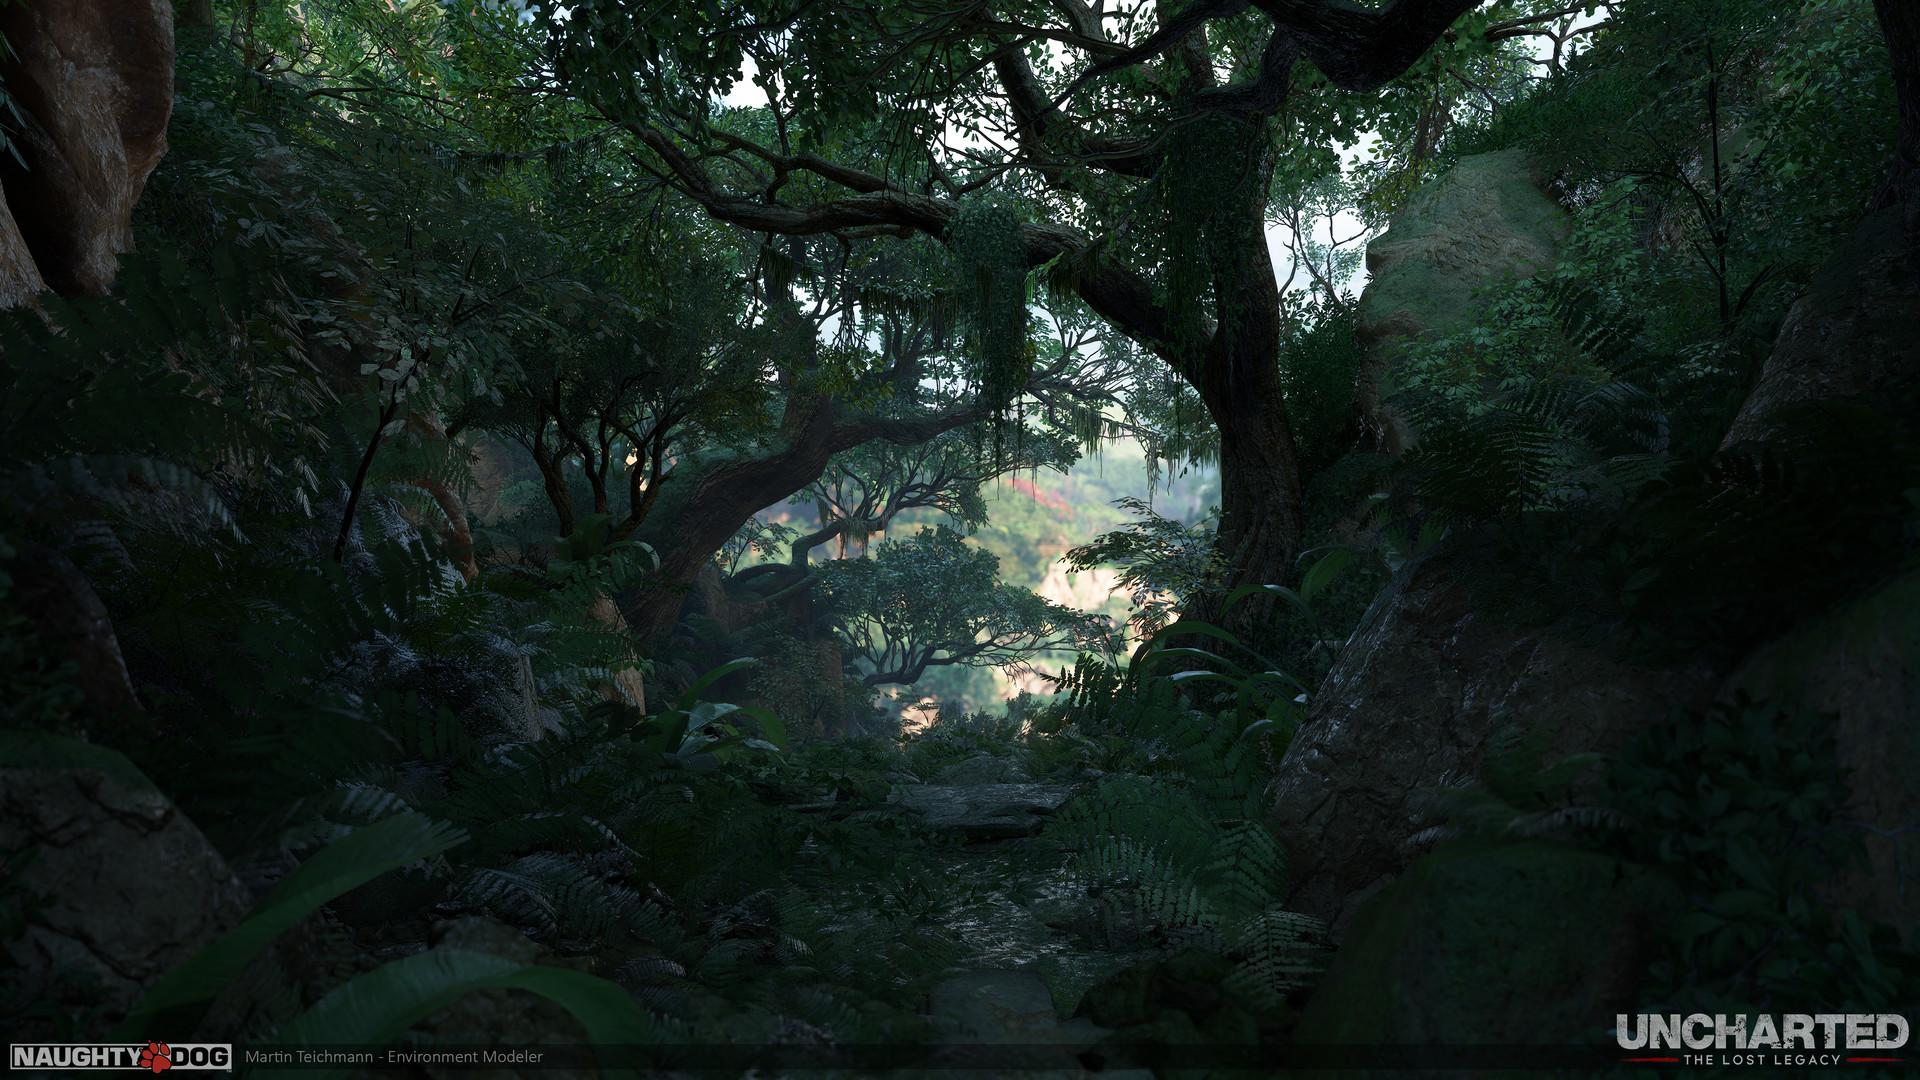 Martin teichmann jungle path 01